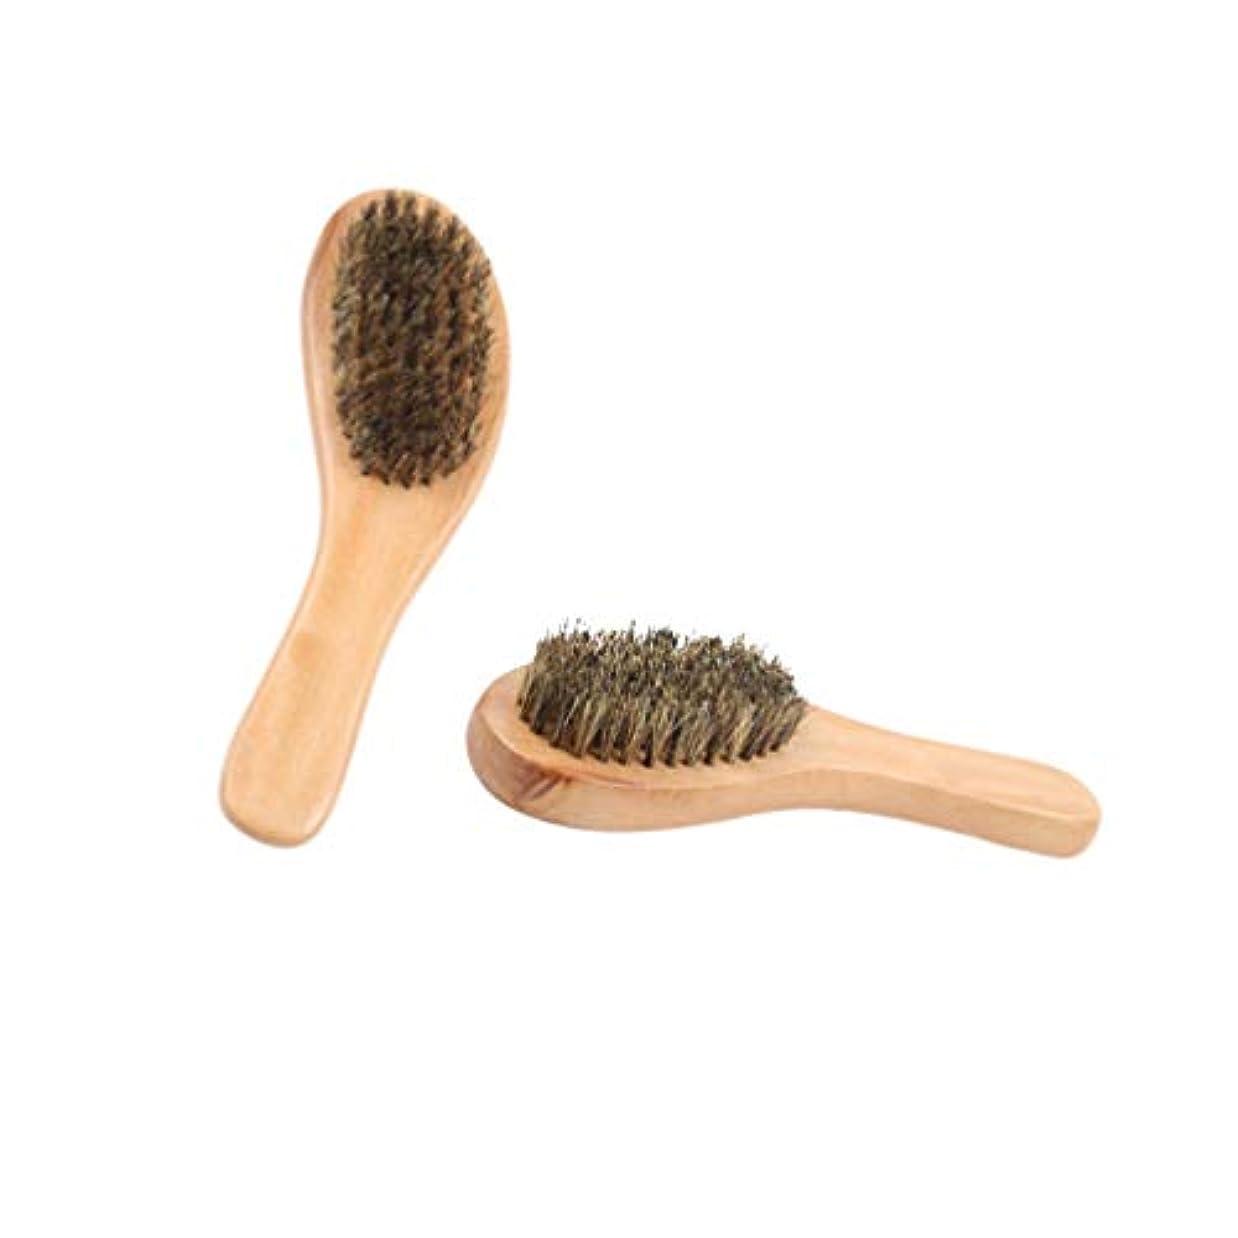 力歯洗剤Healifty 2pcsダスト除去ブラシポータブルシューズブラシクリーナーブリストルブラシは、靴やブーツの糸くずを取り除きます